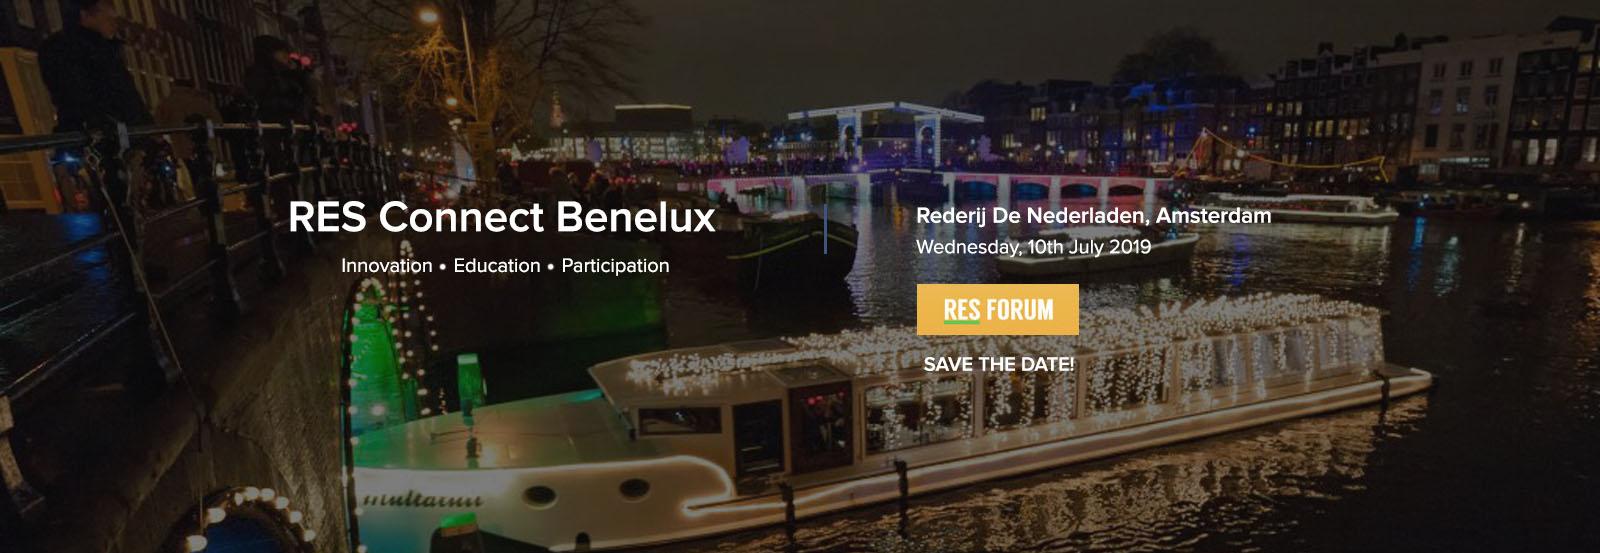 benelux-banner